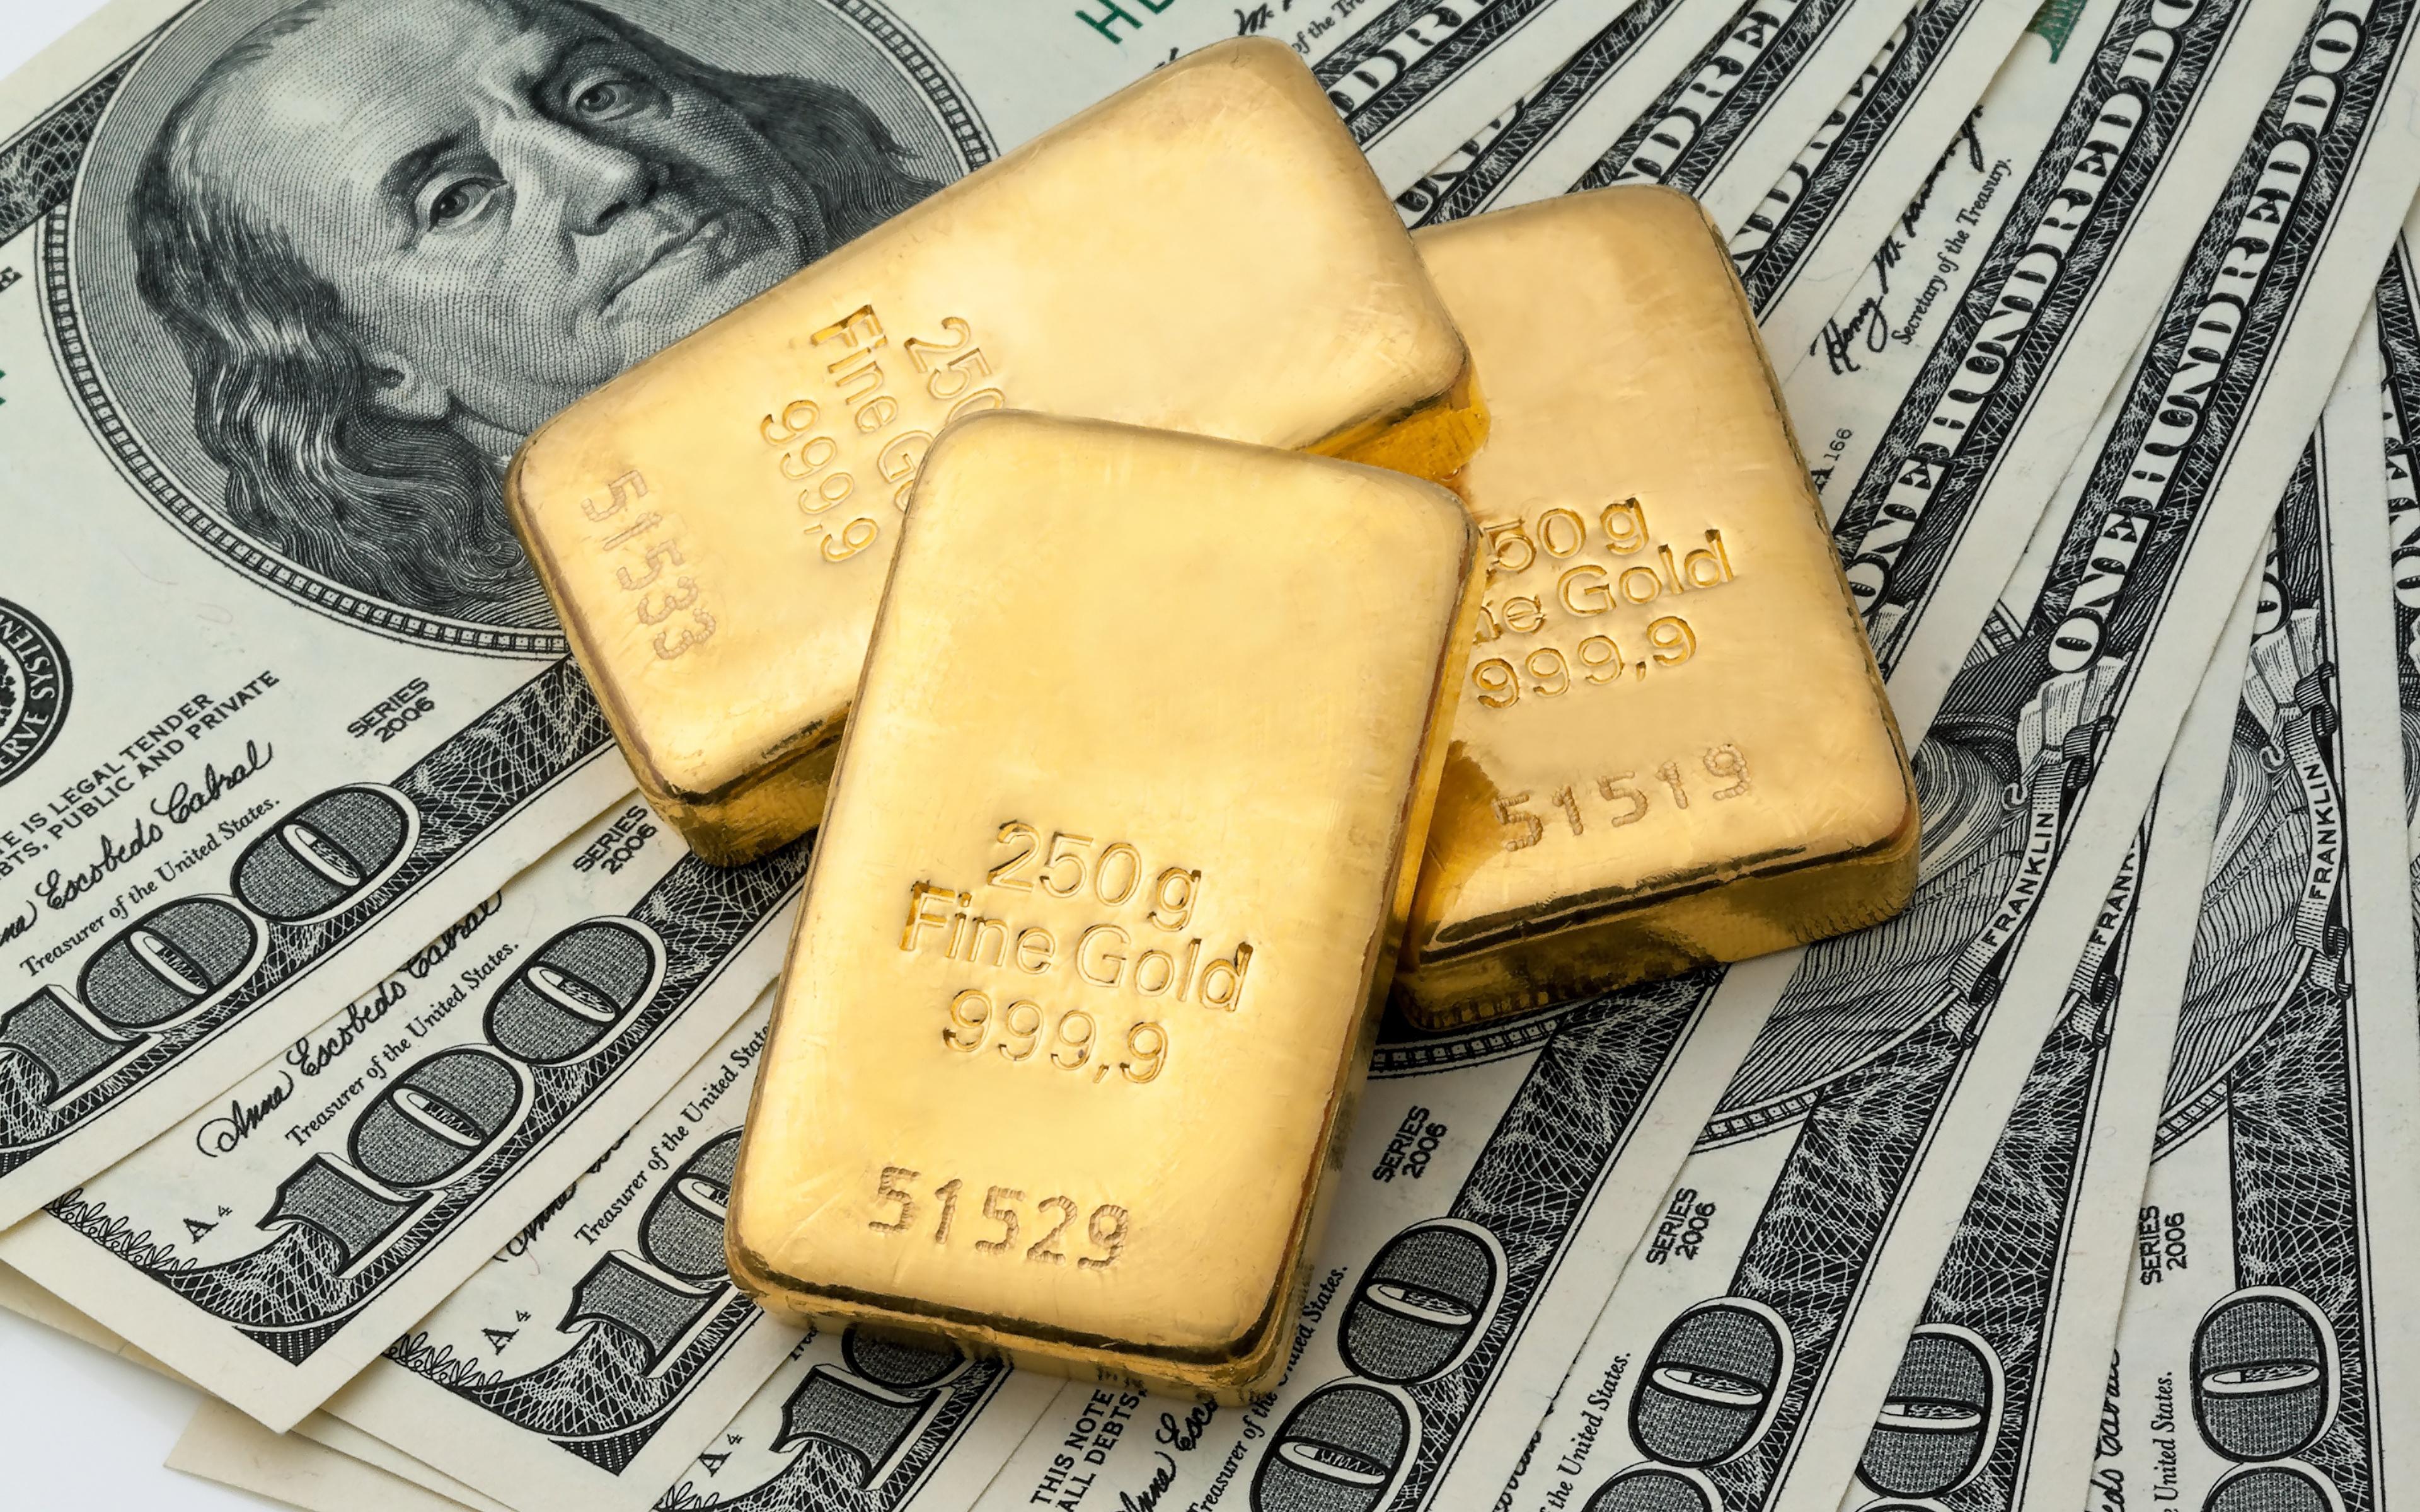 Александр Халдей - Пока профаны смотрели на Украину, США и Китай, главное случилось в Швейцарии Money_Dollars_Gold_100_Ingots_520664_3840x2400